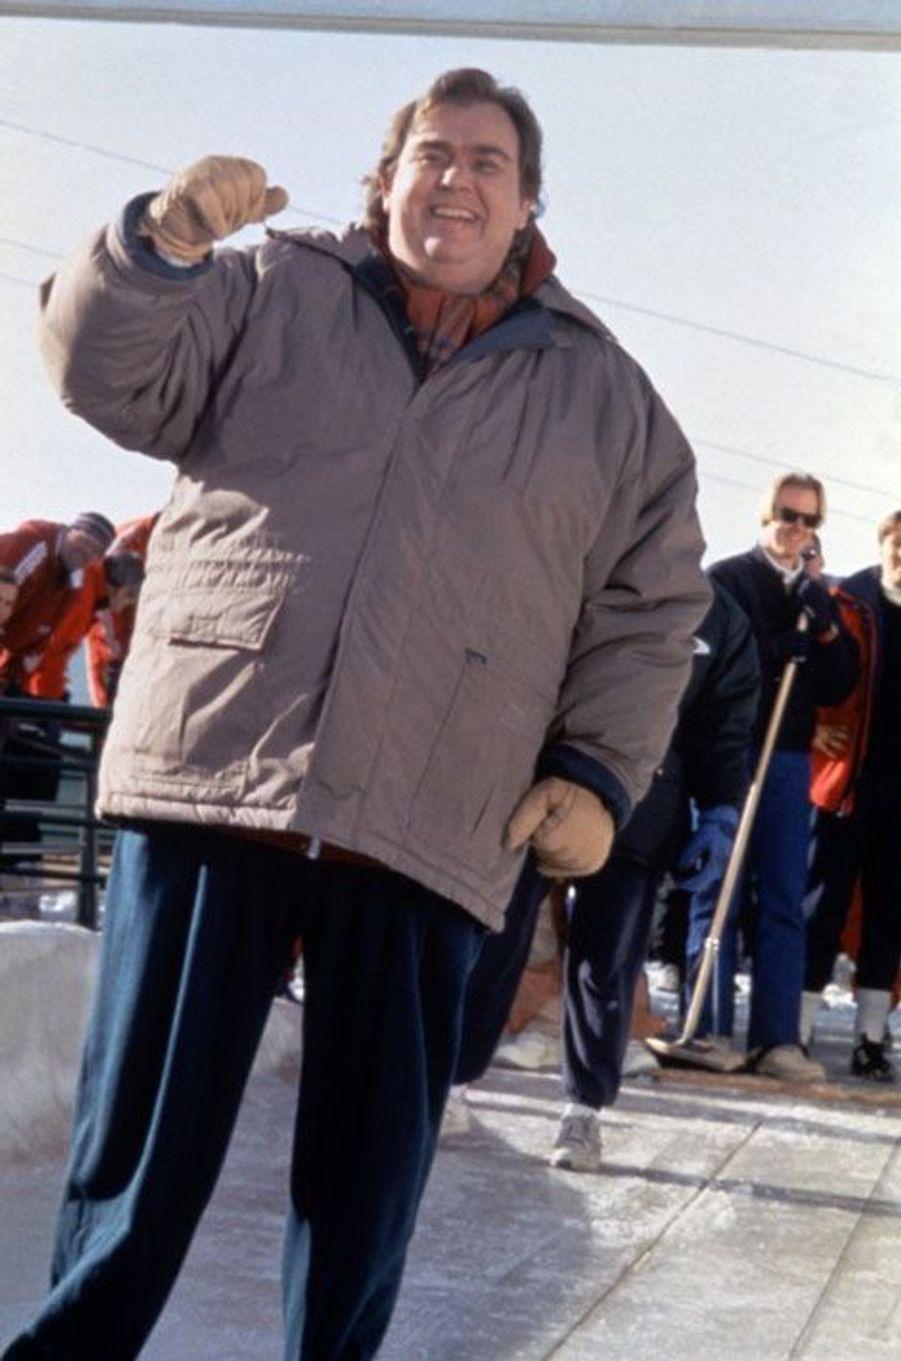 Connu pour ses rôles dans des comédies, notamment l'inoubliable «Rasta Rockett», l'acteur est mort d'un arrêt cardiaque survenu dans son sommeil, le 4 mars 1994, à la fin du tournage de «Pionniers malgré eux».